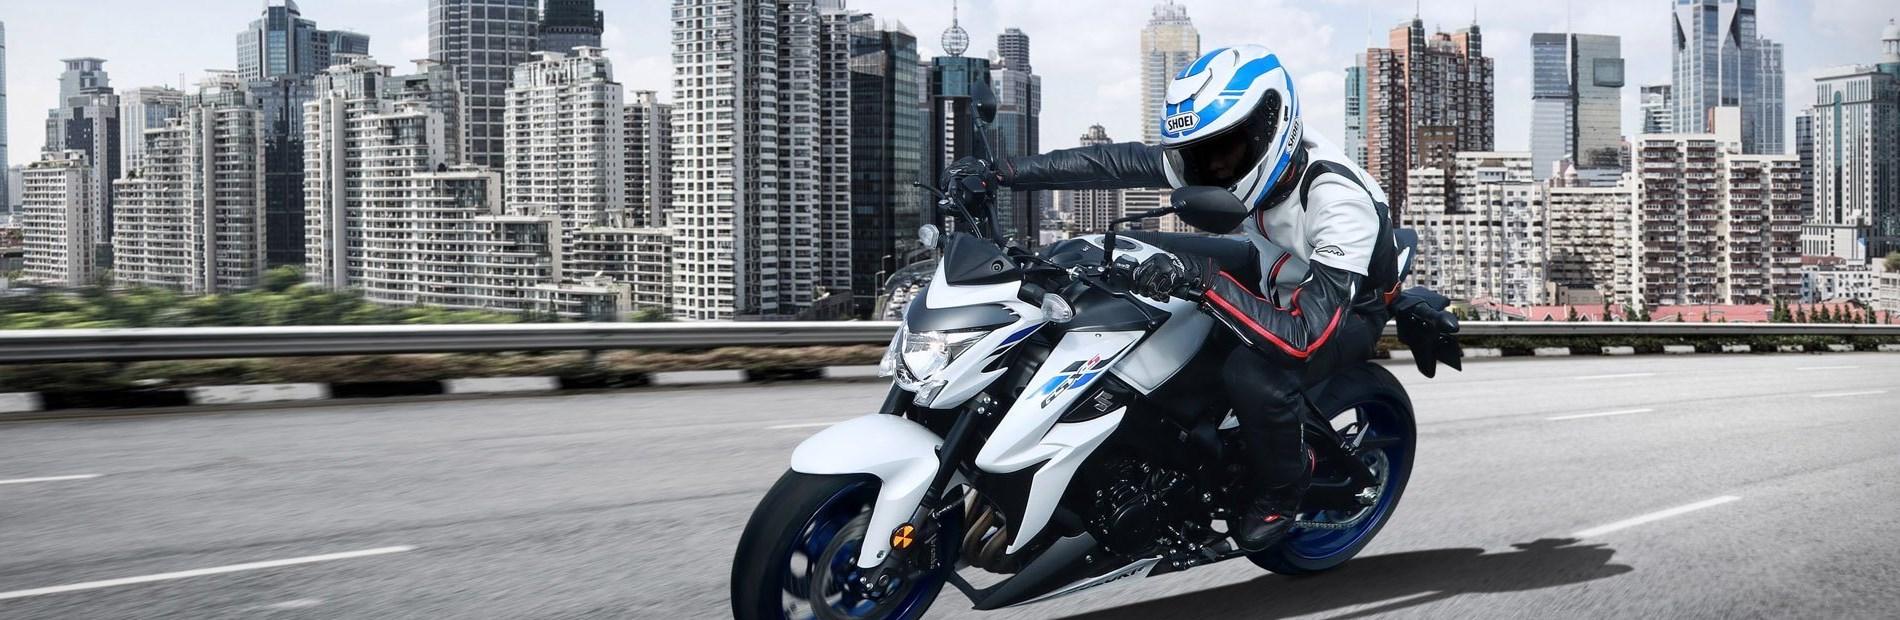 Die neue Suzuki GSX-S 1000 - jetzt bei Motorrad Wittenberg